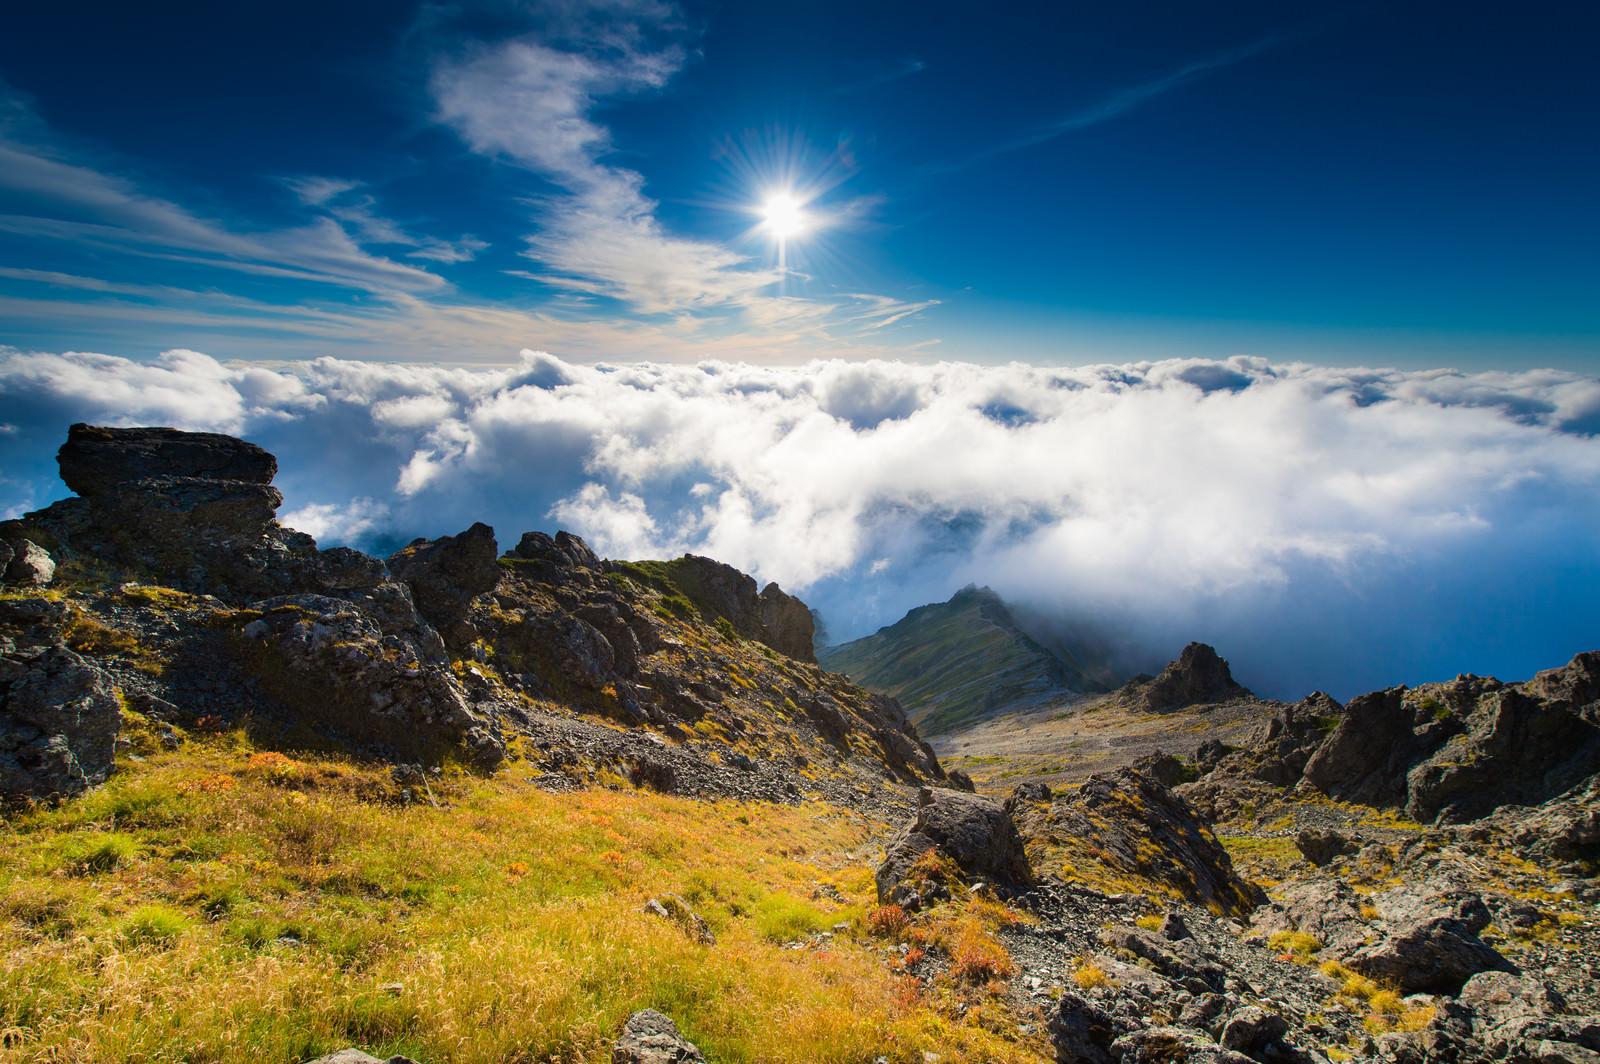 北アルプス3000m峰からの見る黎明感ある空と雲海のフリー素材